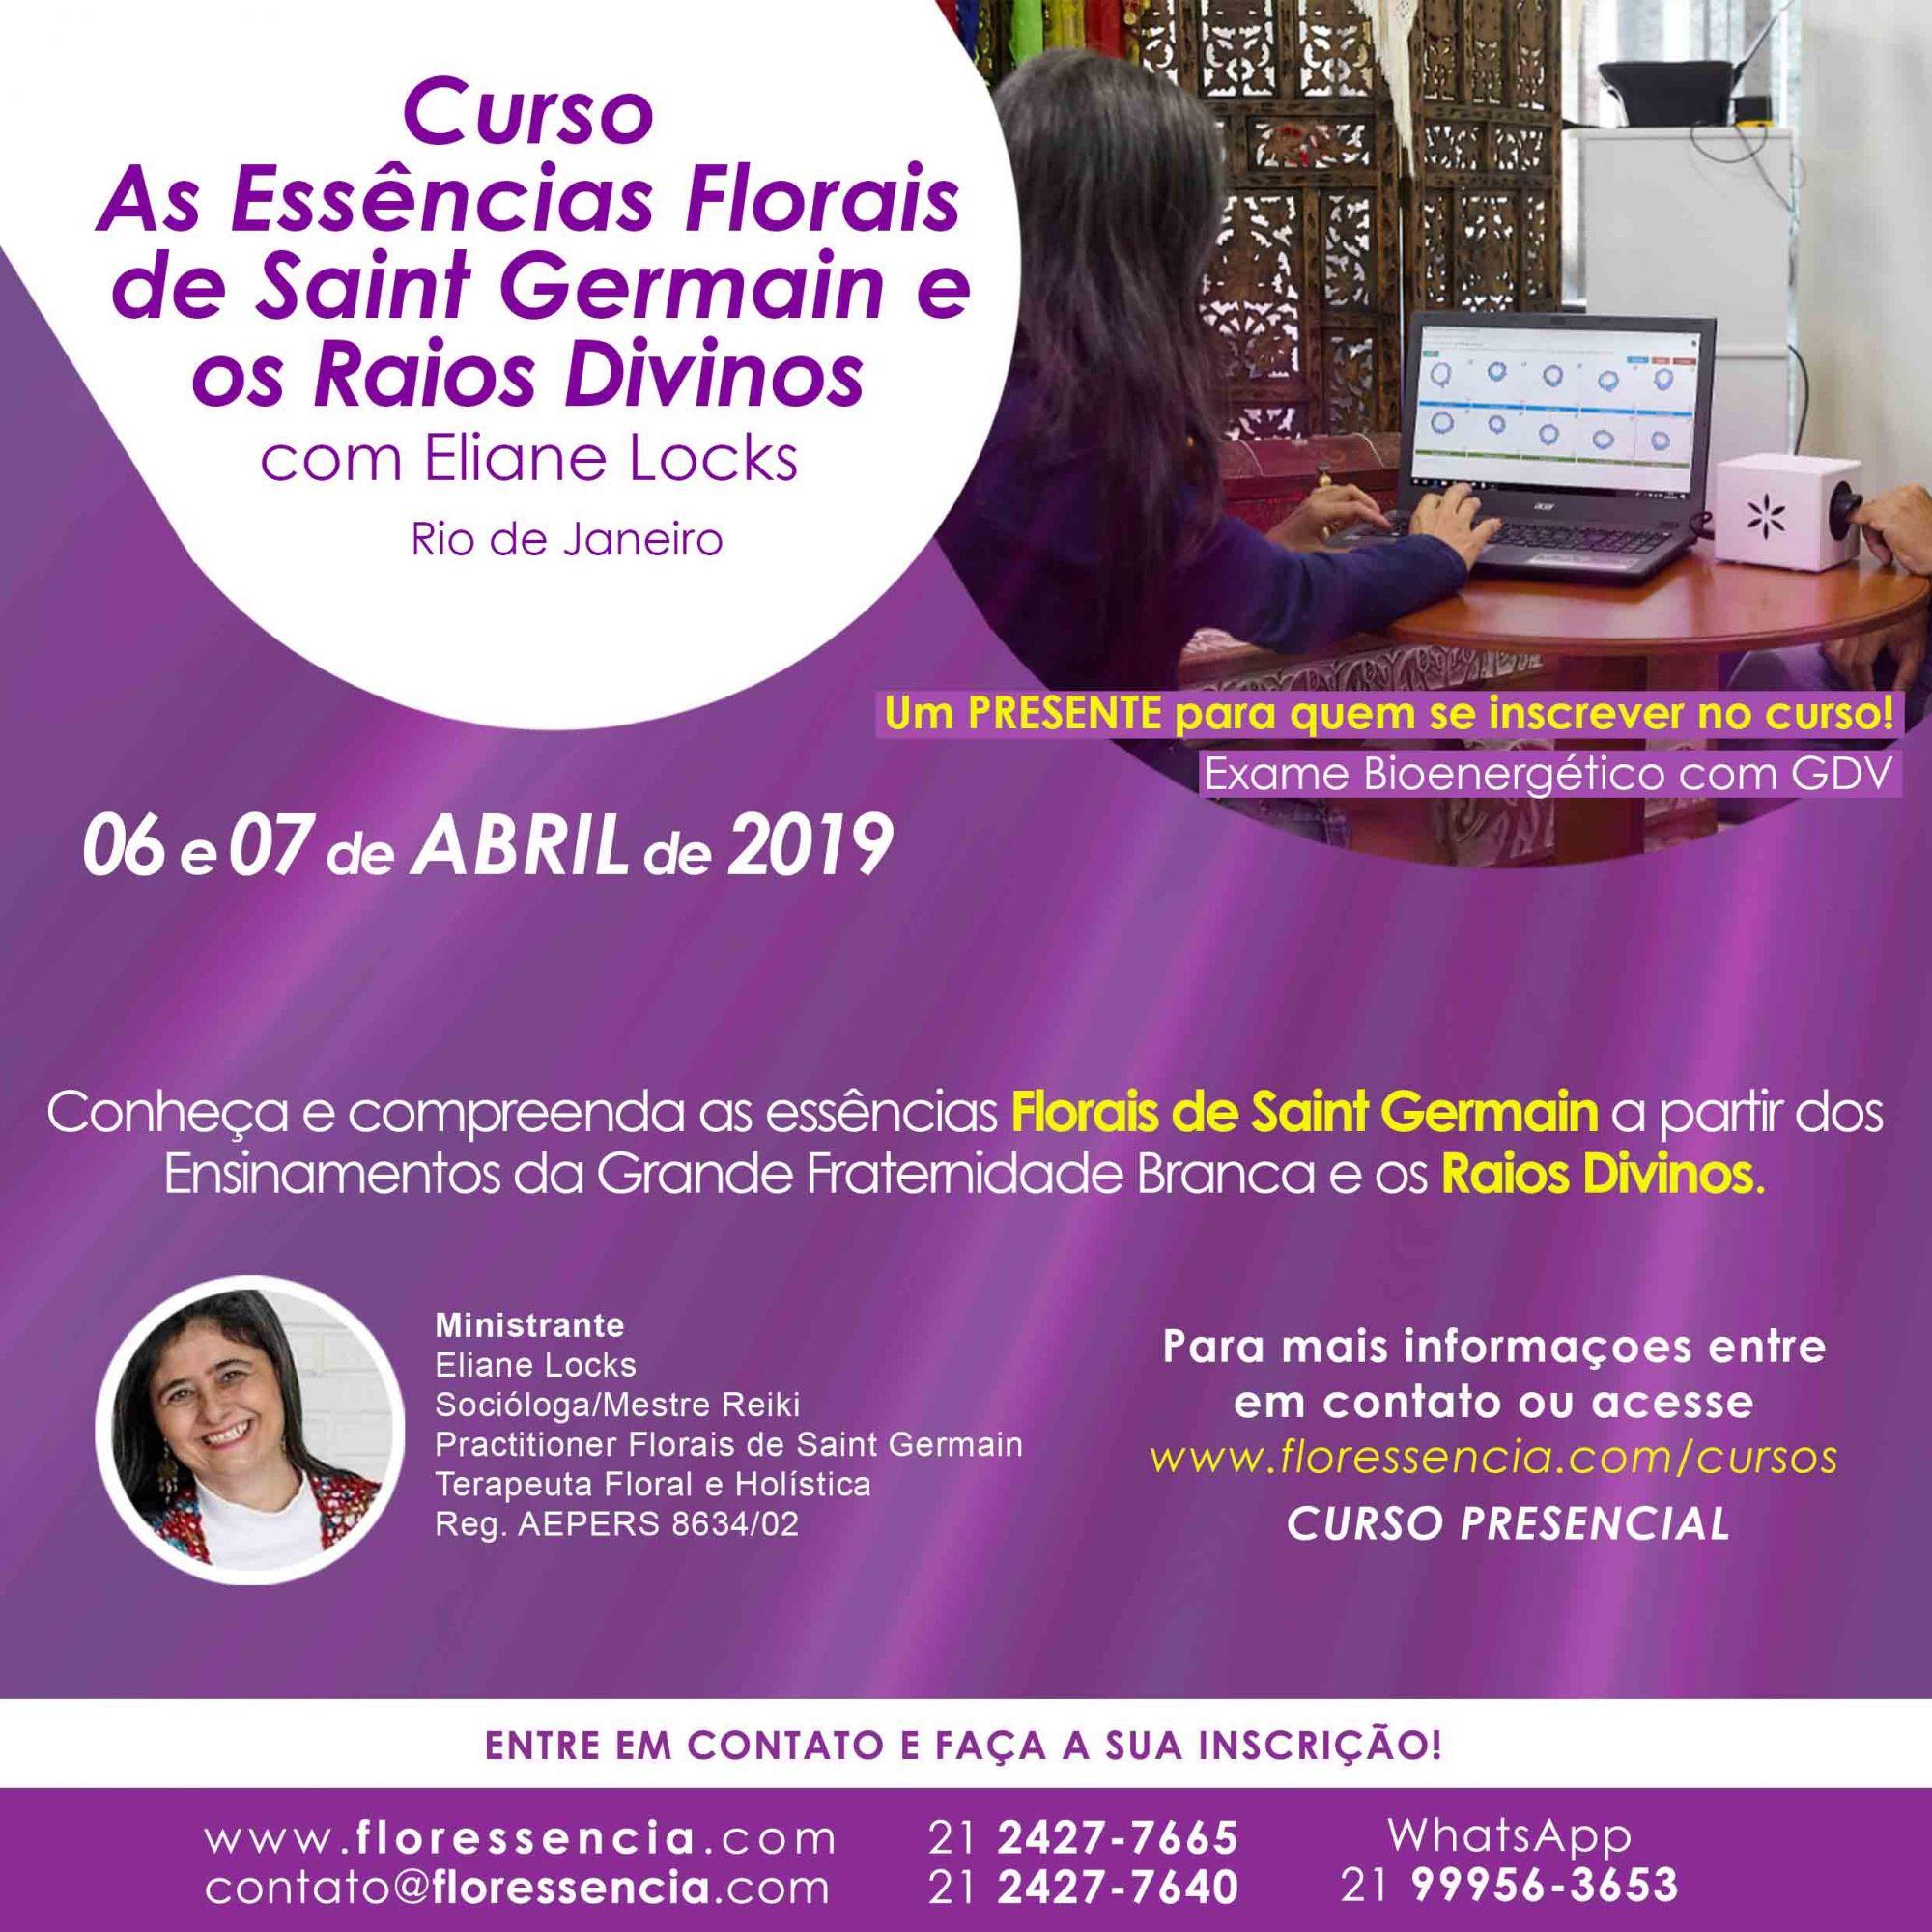 Curso PRESENCIAL AS ESSÊNCIAS FLORAIS DE SAINT GERMAIN E OS RAIOS DIVINOS com Eliane Locks  - Floressência